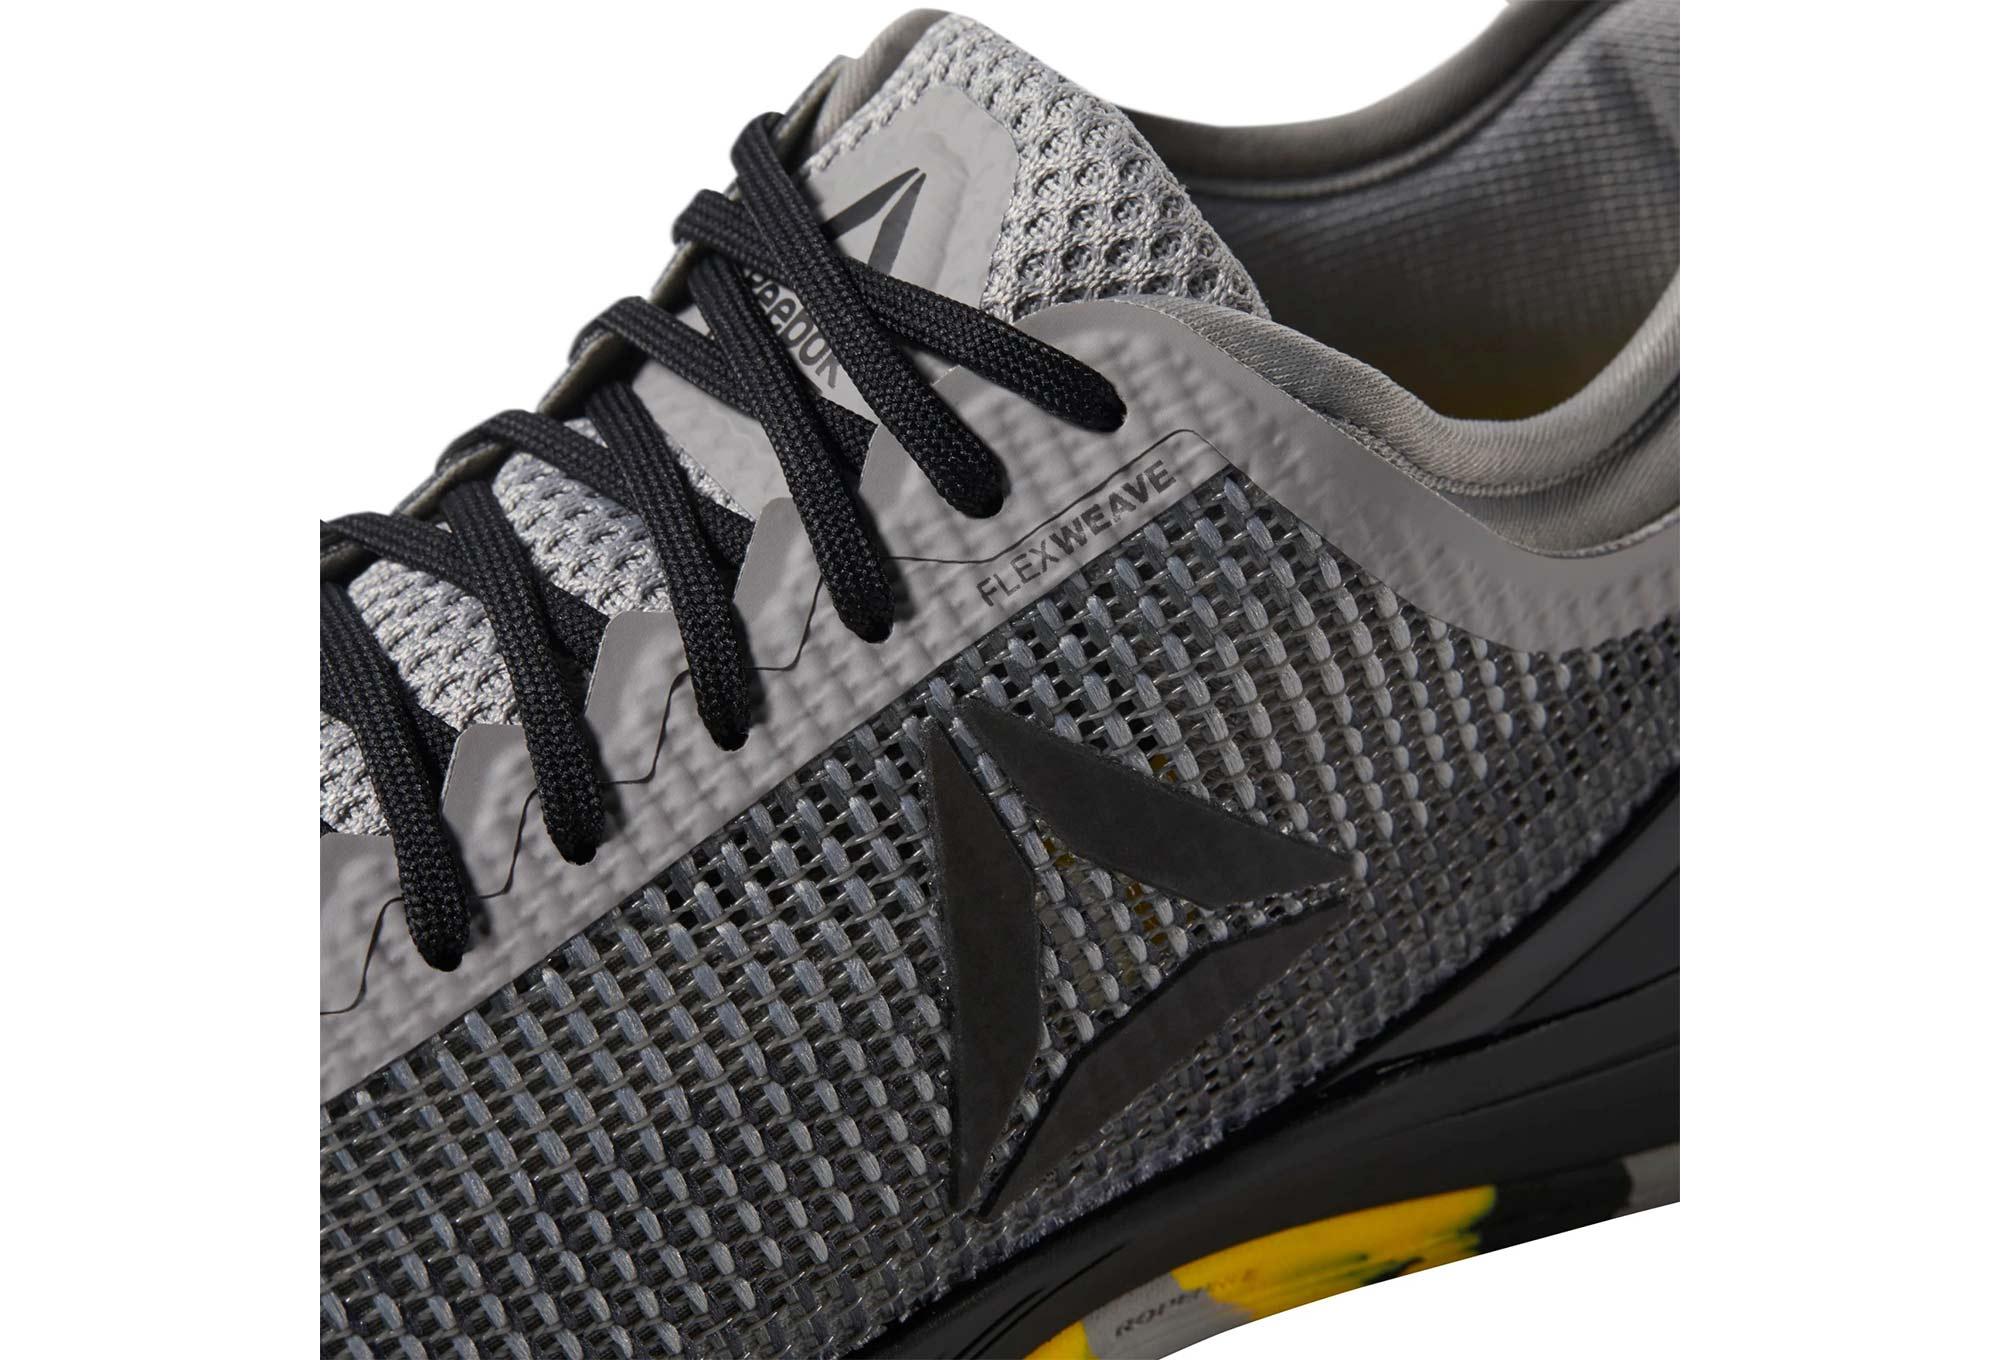 726a7e6d50a3 Reebok CrossFit Nano 8 Flexweave Grey Black Yellow